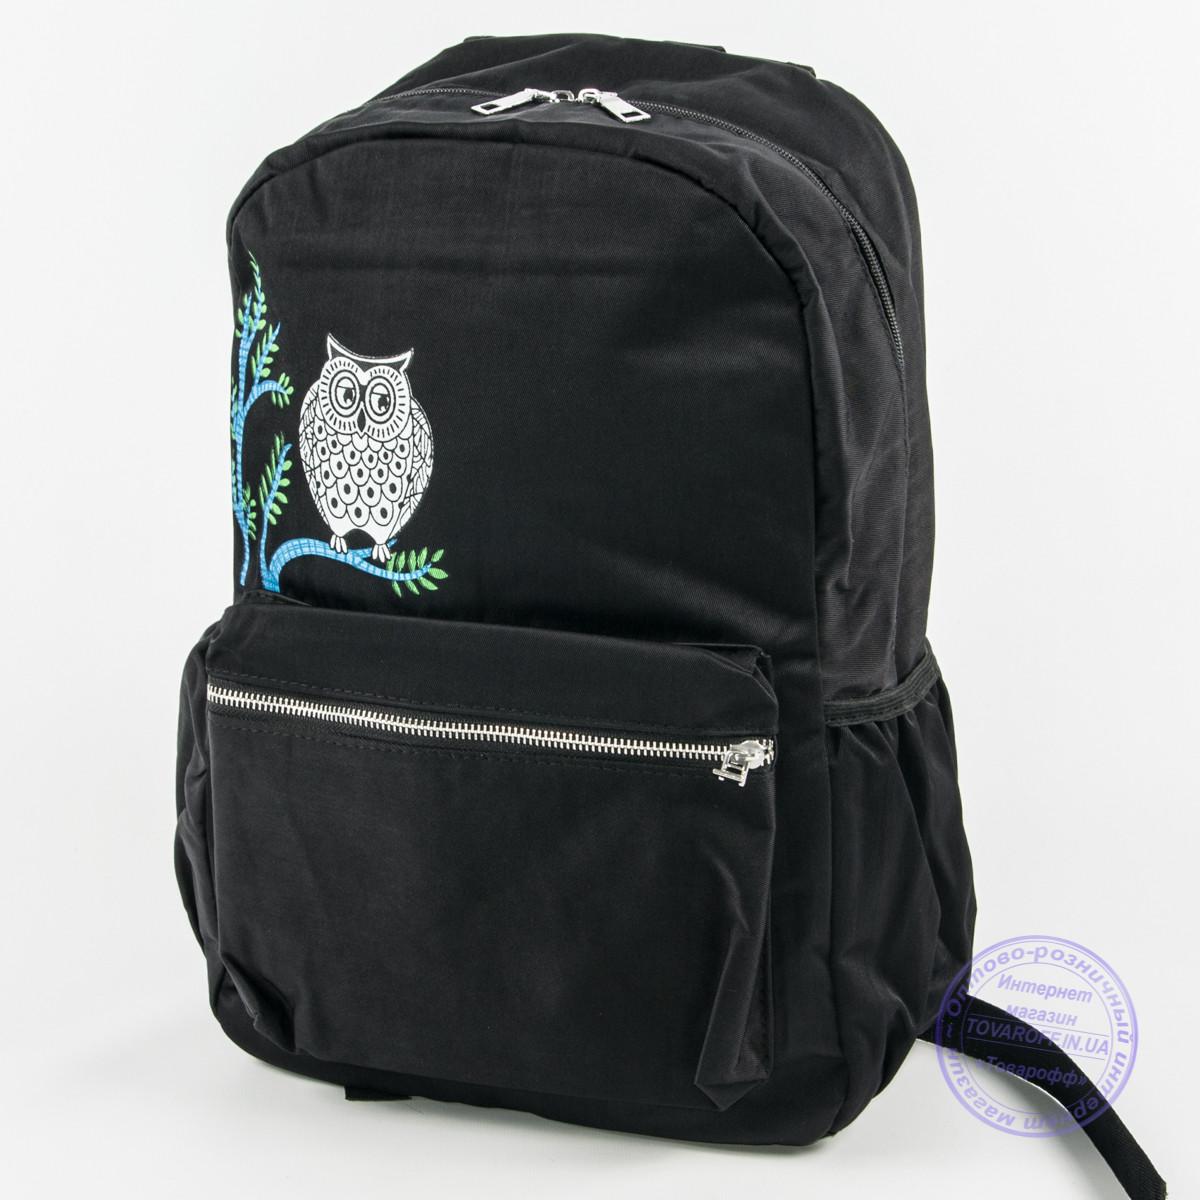 Интернет магазин рюкзаков для школы харьков рюкзак evoc cc